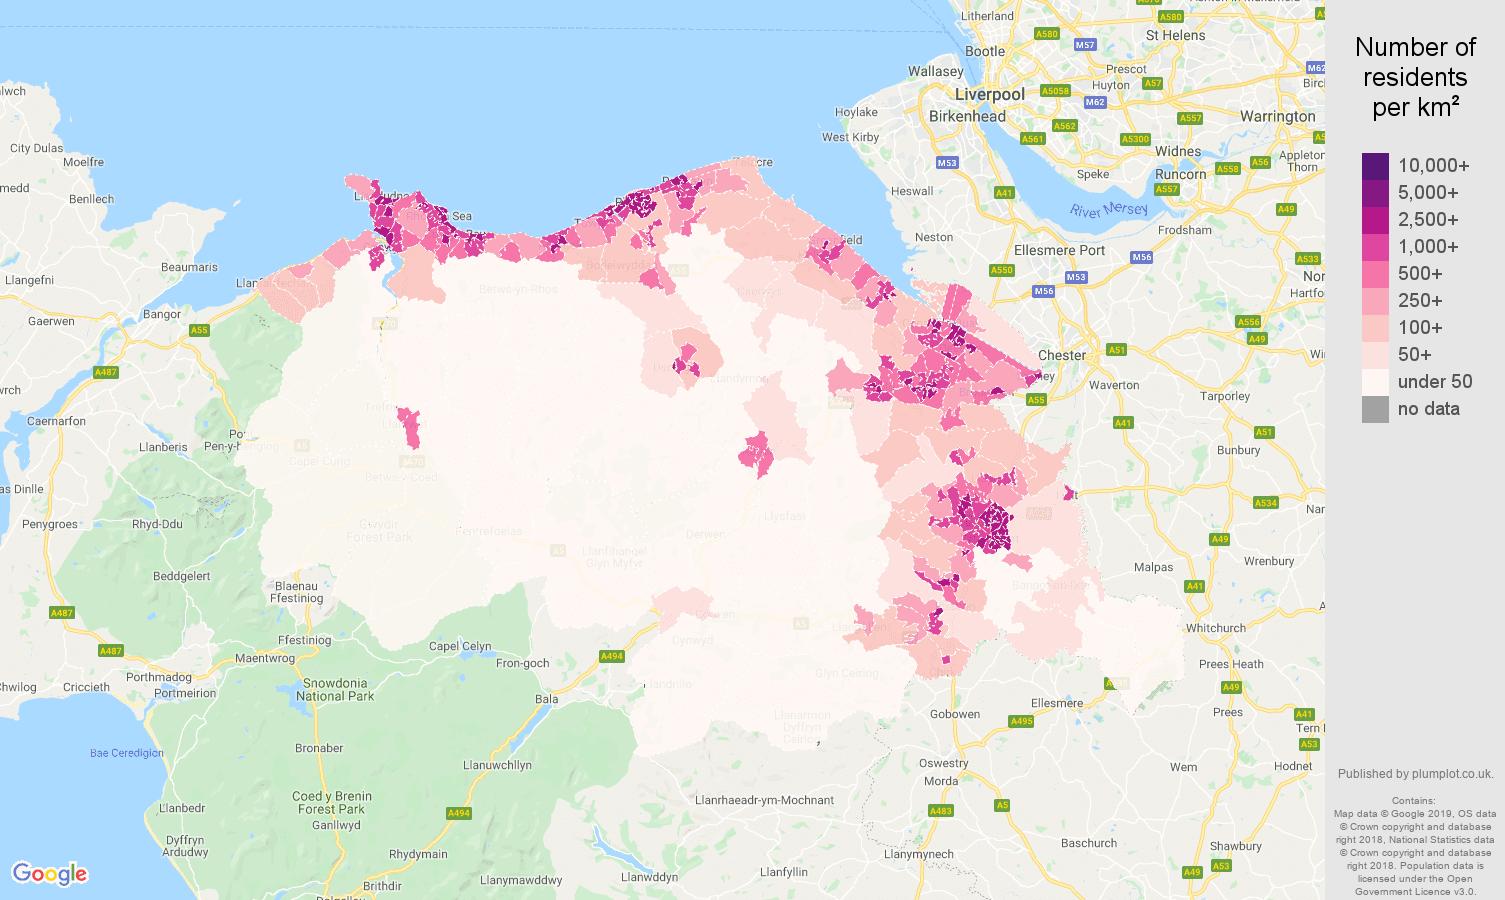 Clwyd population density map